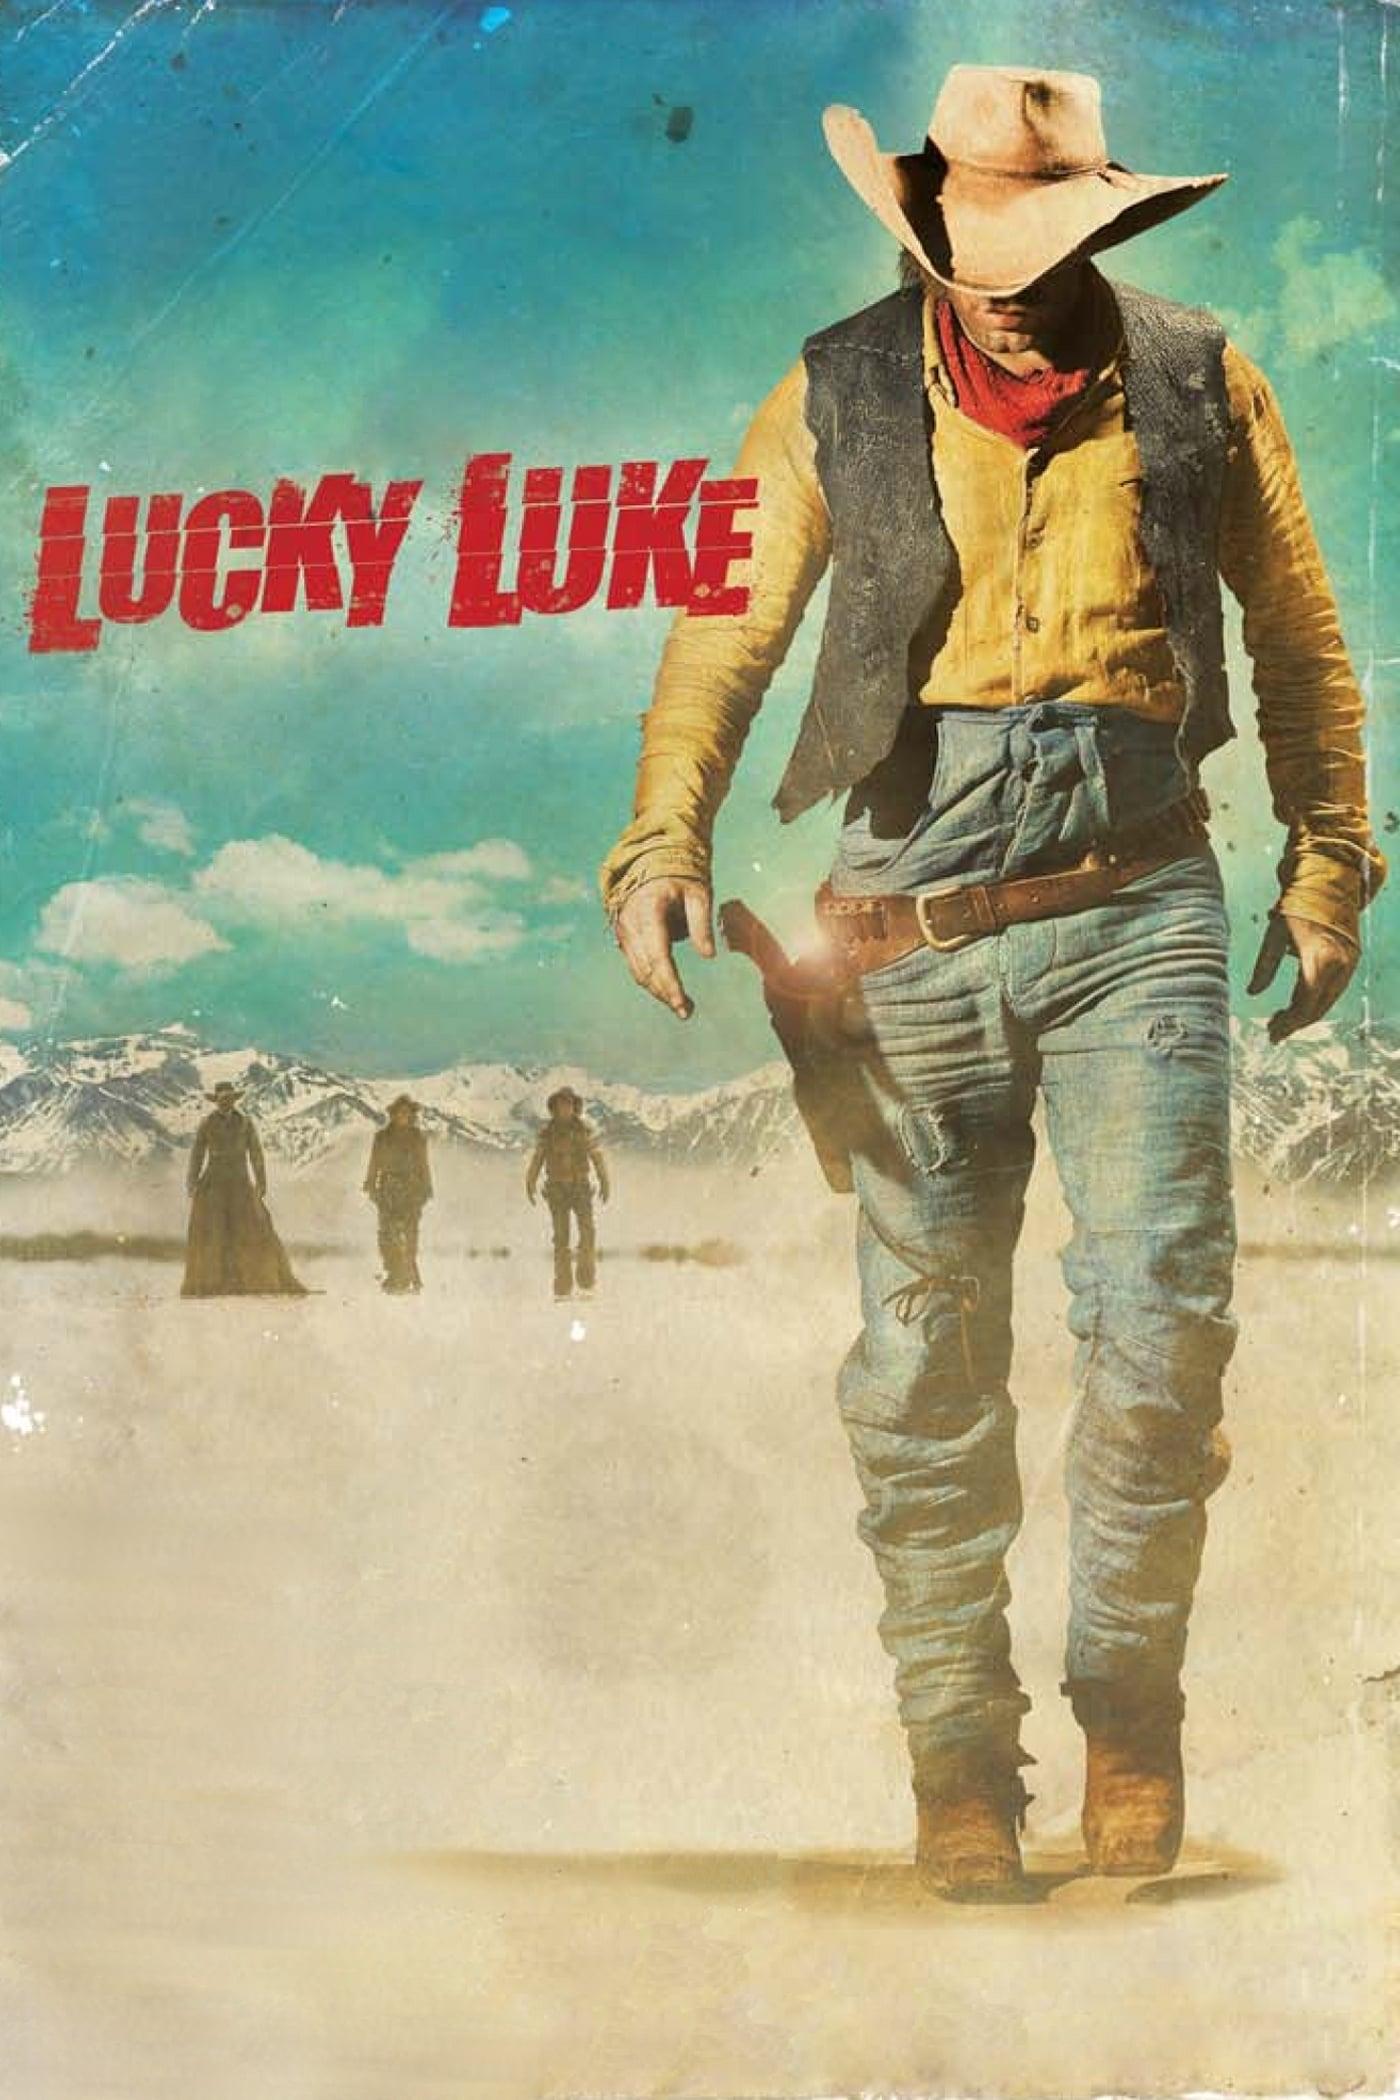 Voir Lucky Luke - 2010